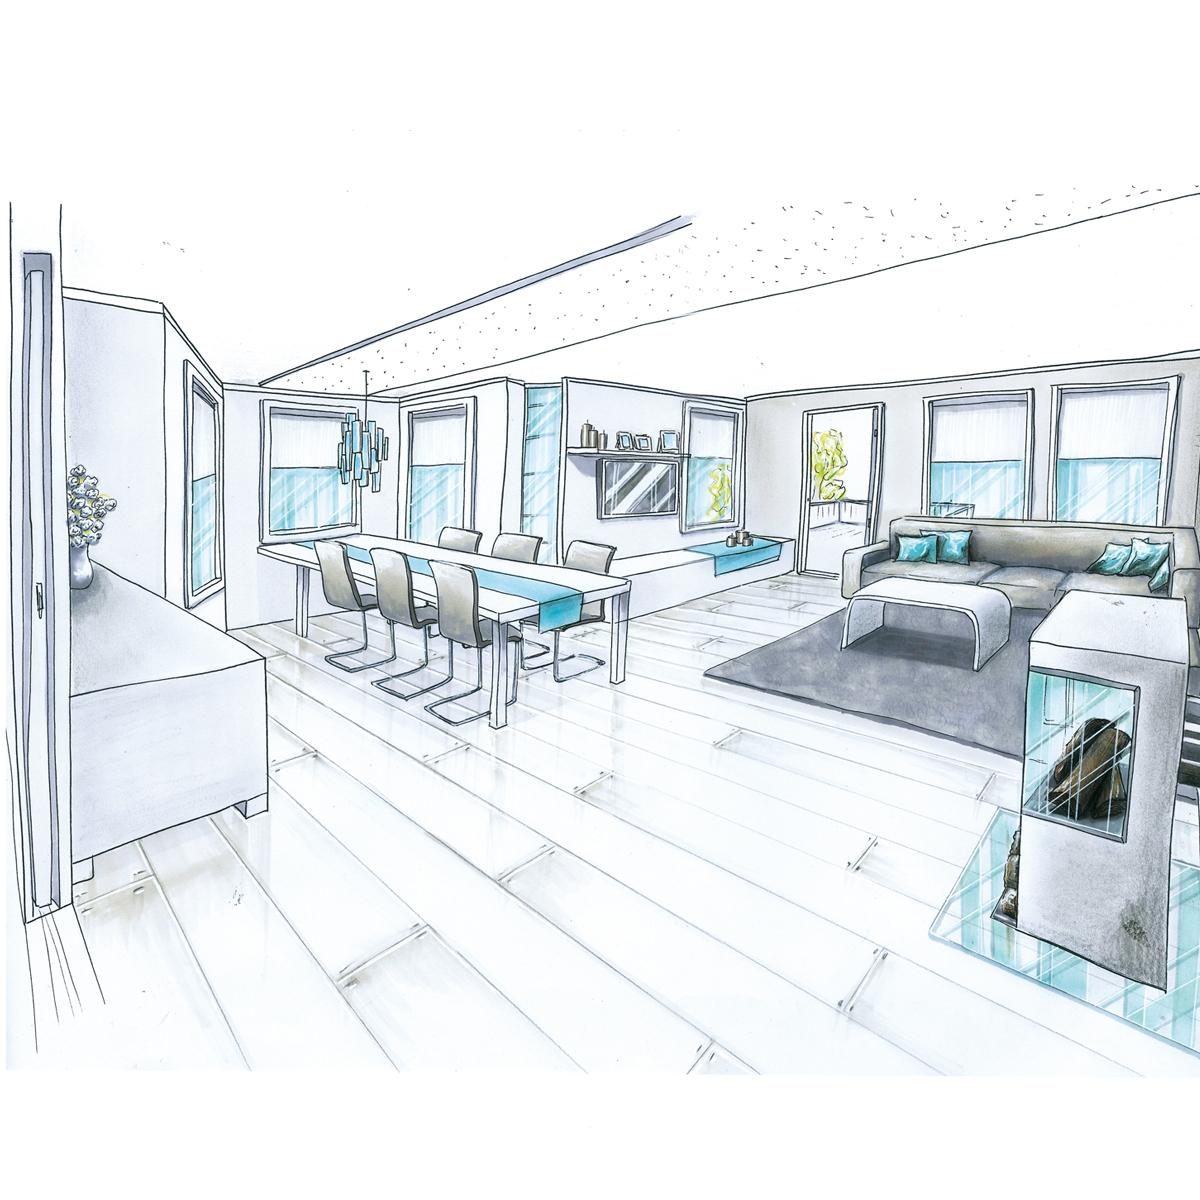 Livingroom_copicmarkers.jpg